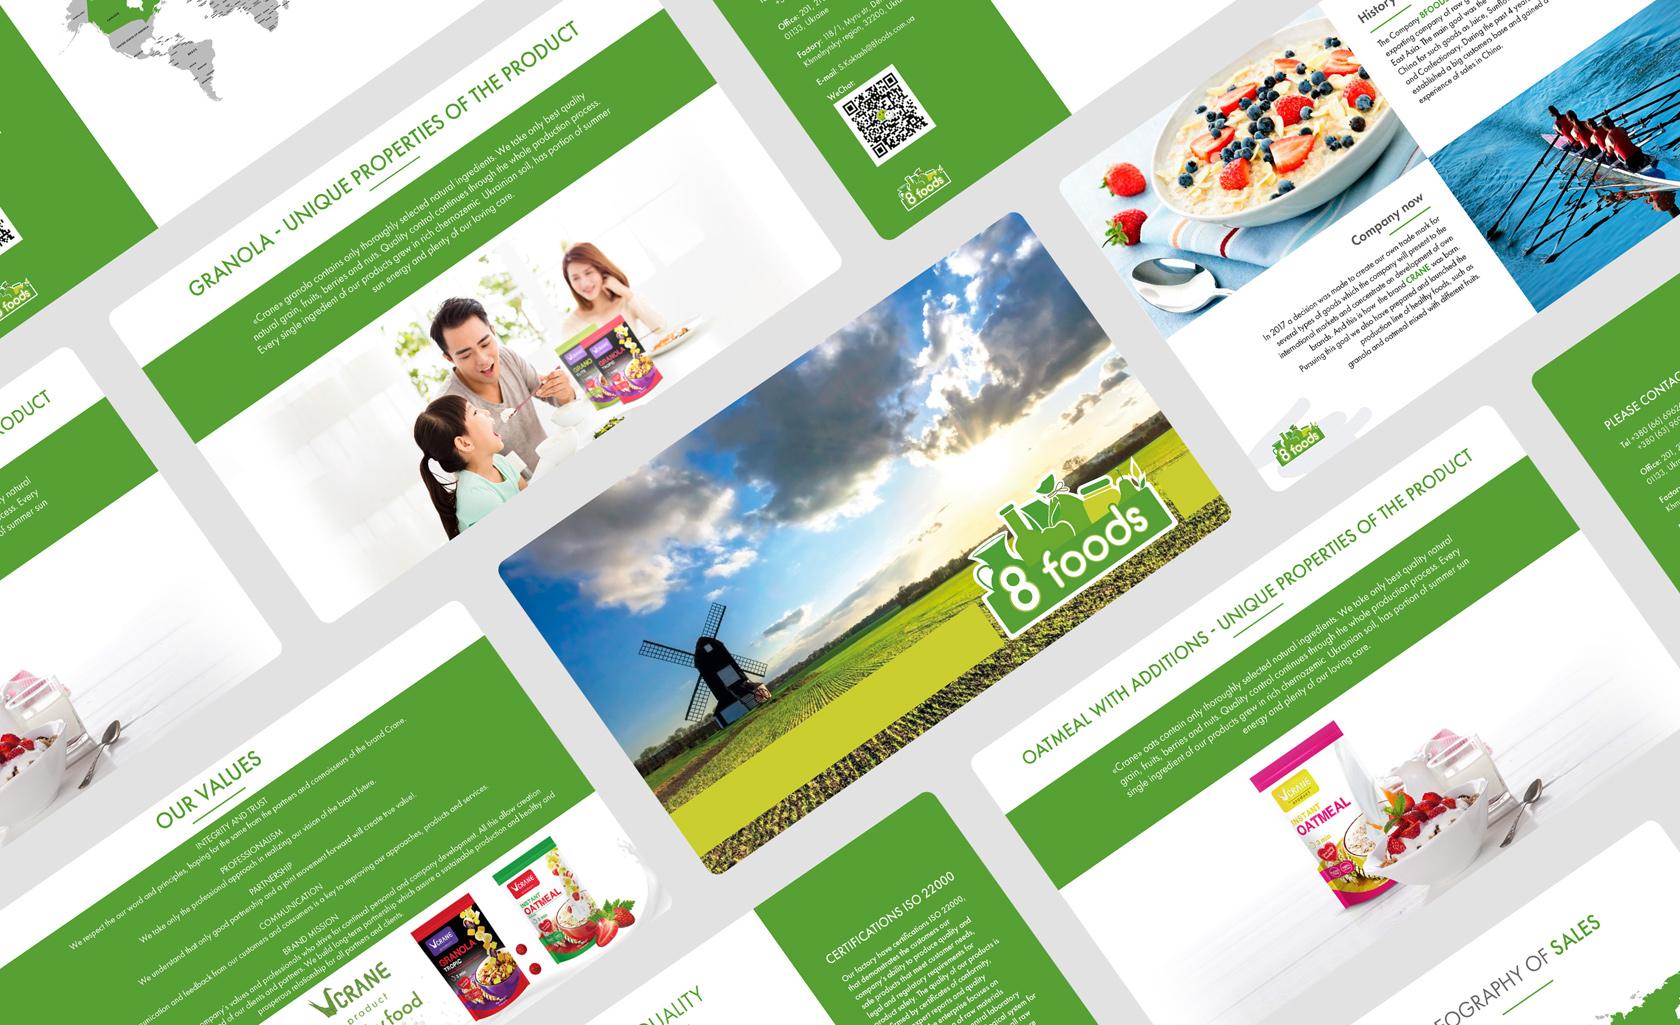 8 foods дизайн рекламных баннеров